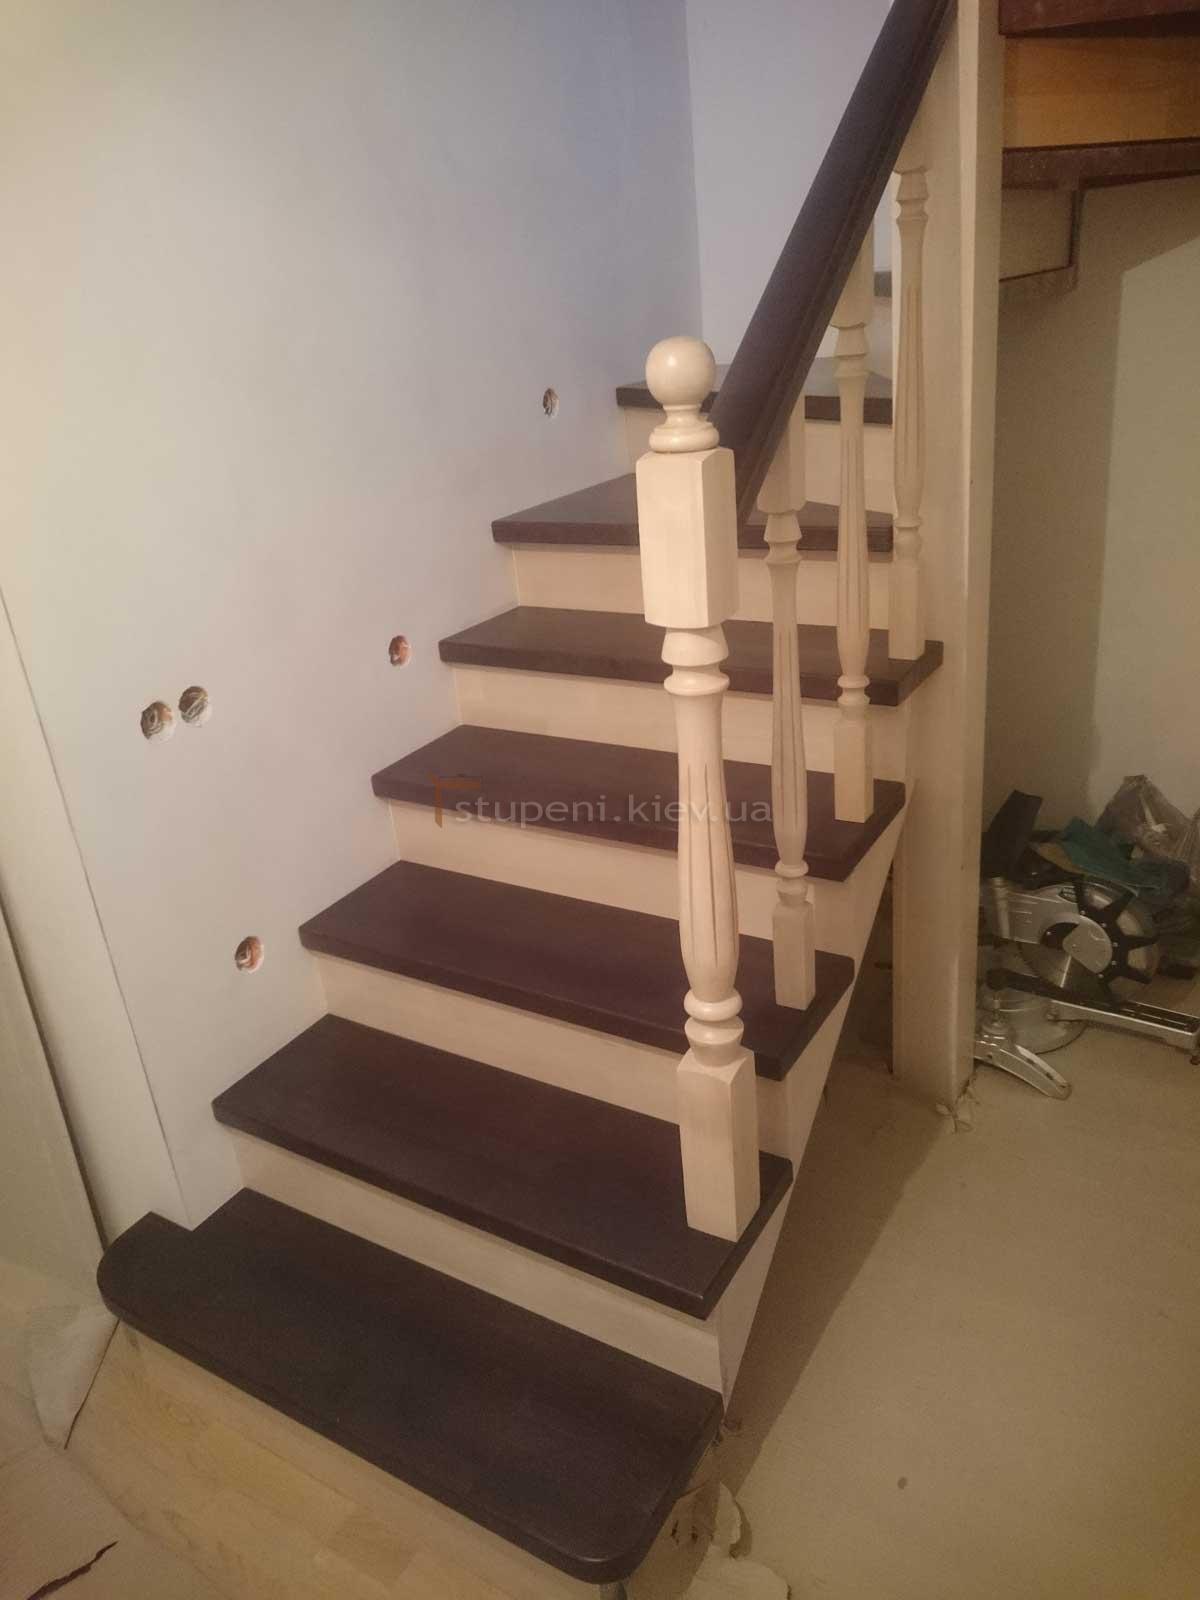 Купить деревянные столбы по недорогой цене